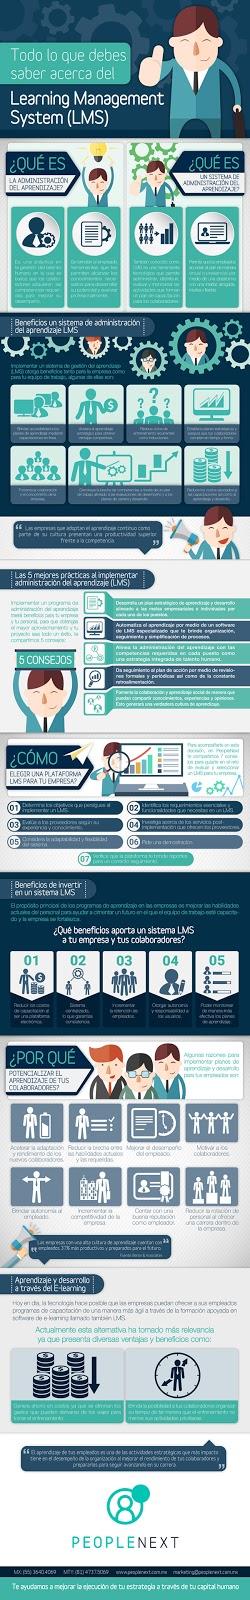 Ejemplo de infografía empresarial de LMS